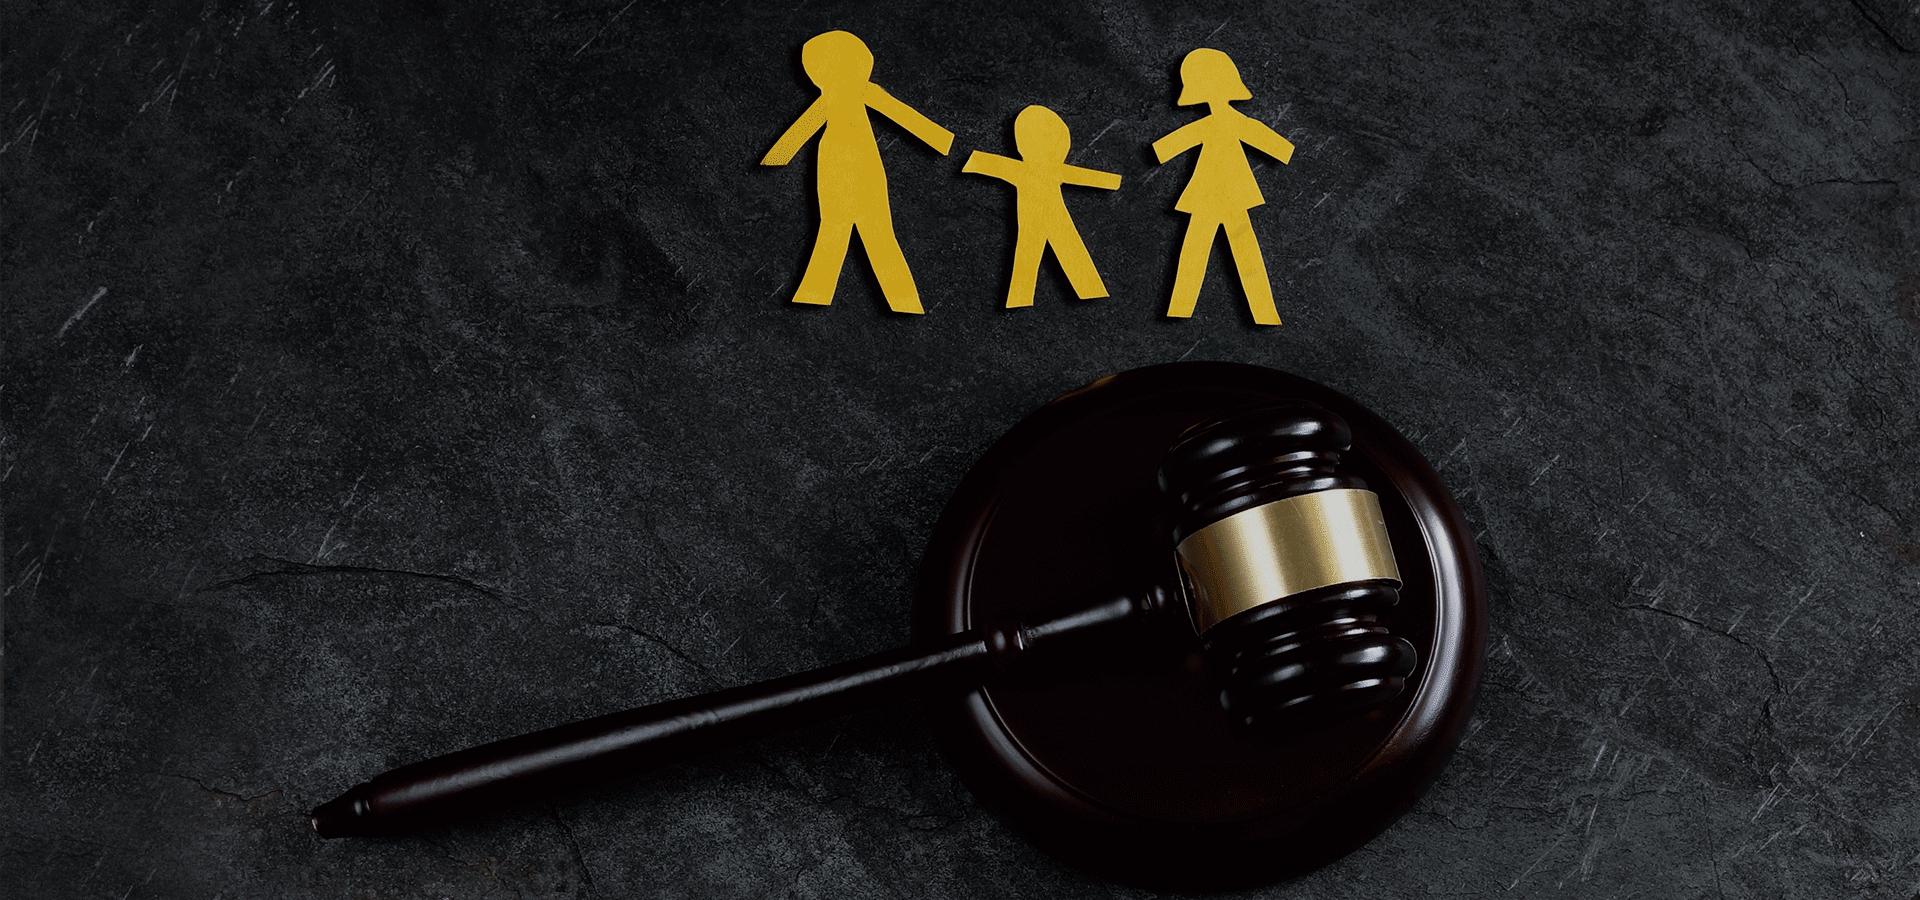 La junta anticipada en un juicio oral familiar universidad ius semper en el desarrollo del juicio oral en materia familiar existe la figura de la junta anticipada la cual forma parte de la audiencia preliminar ccuart Gallery